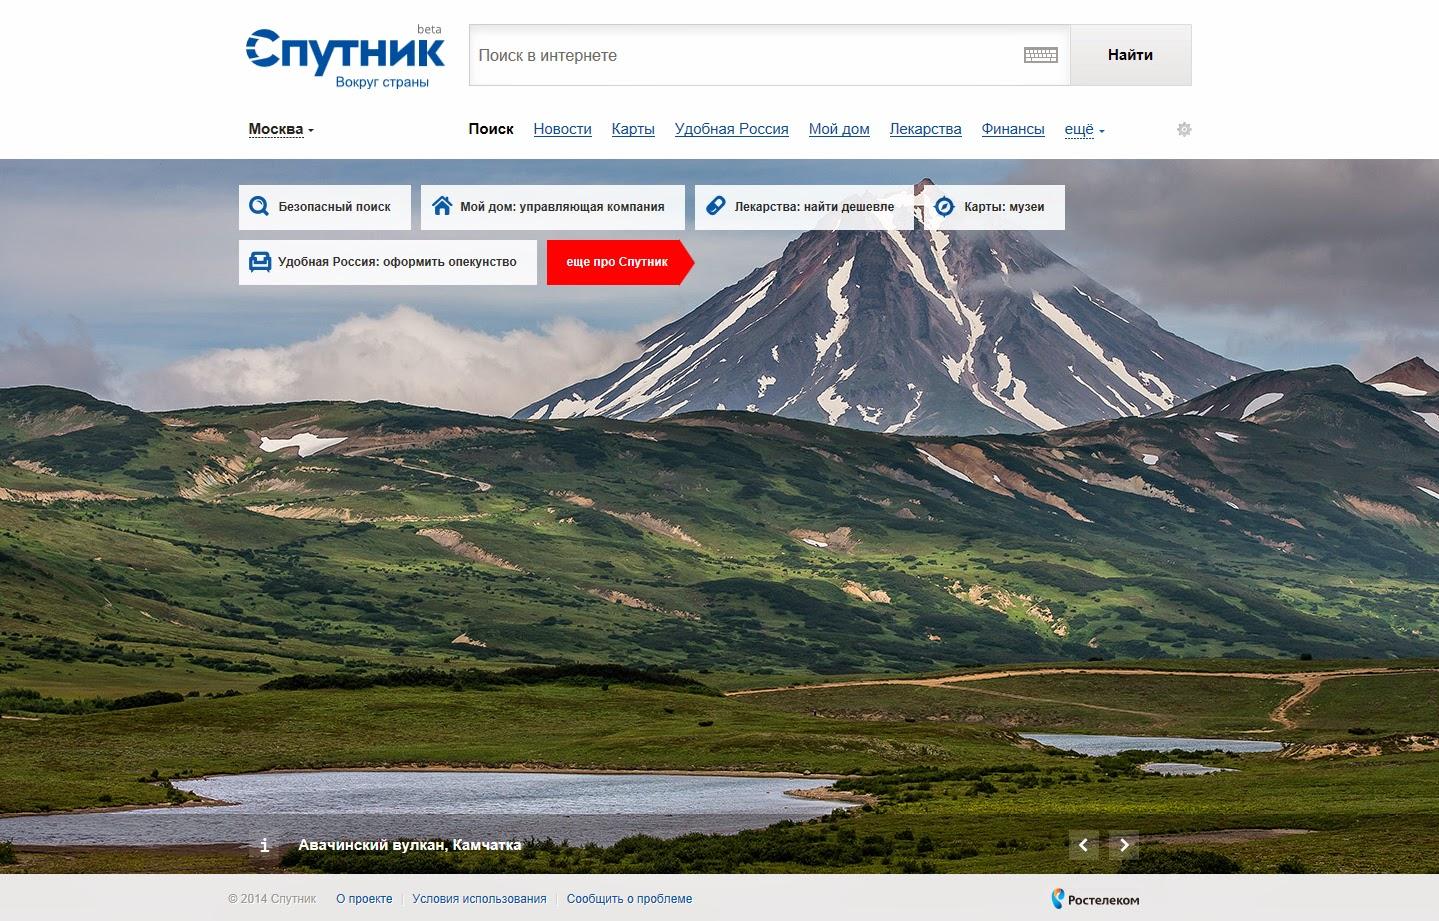 """Авачинский вулкан на """"Спутнике"""""""